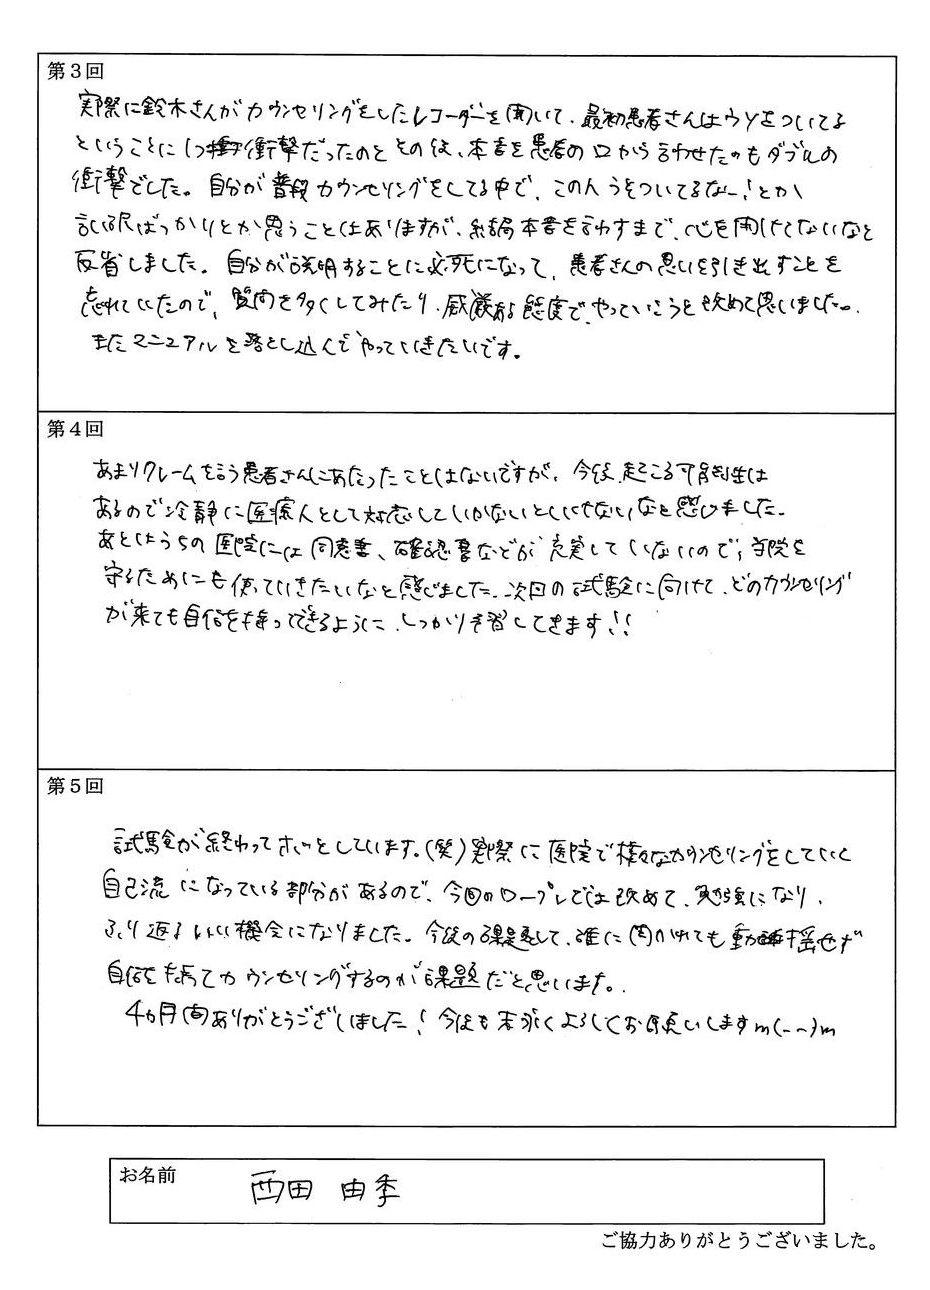 西田 由季 様アンケート